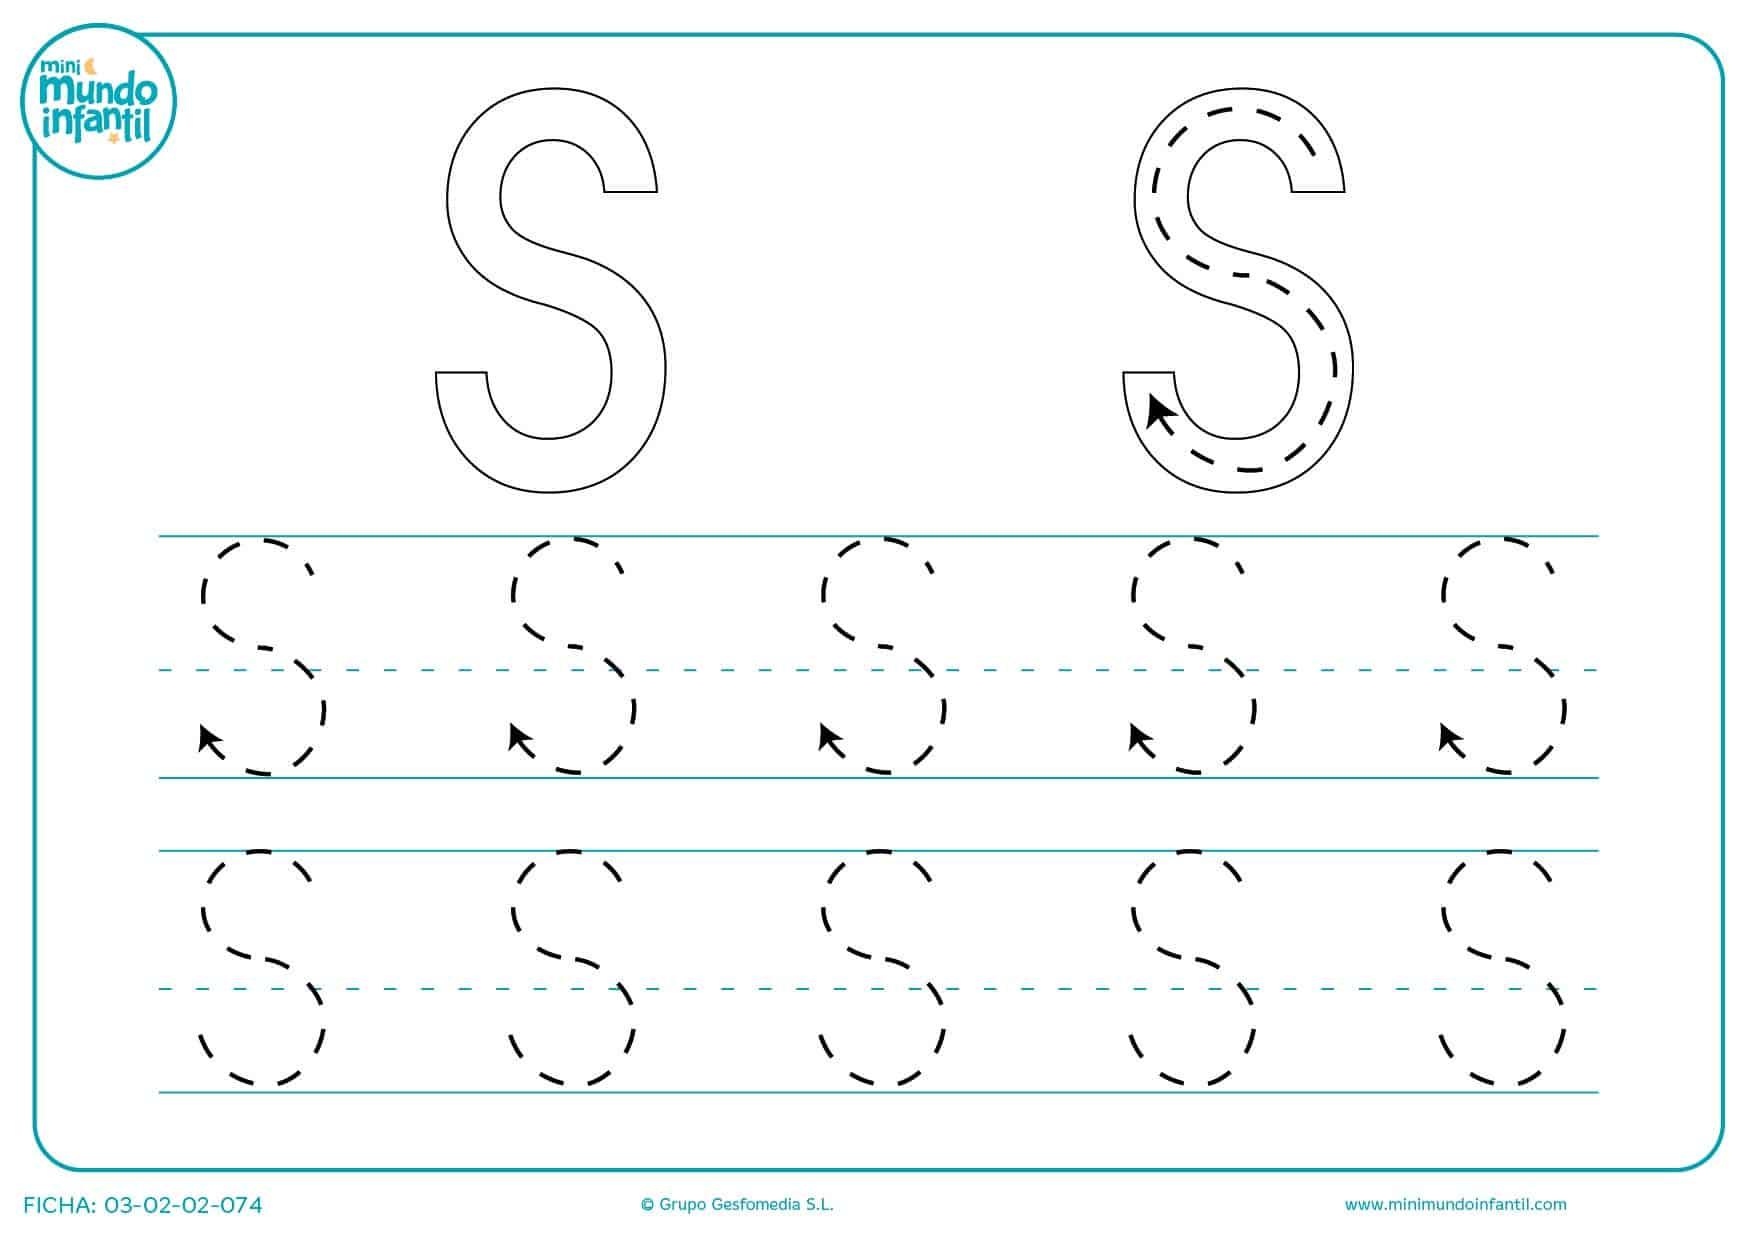 Seguir el trazo de la letra S en mayúsculas